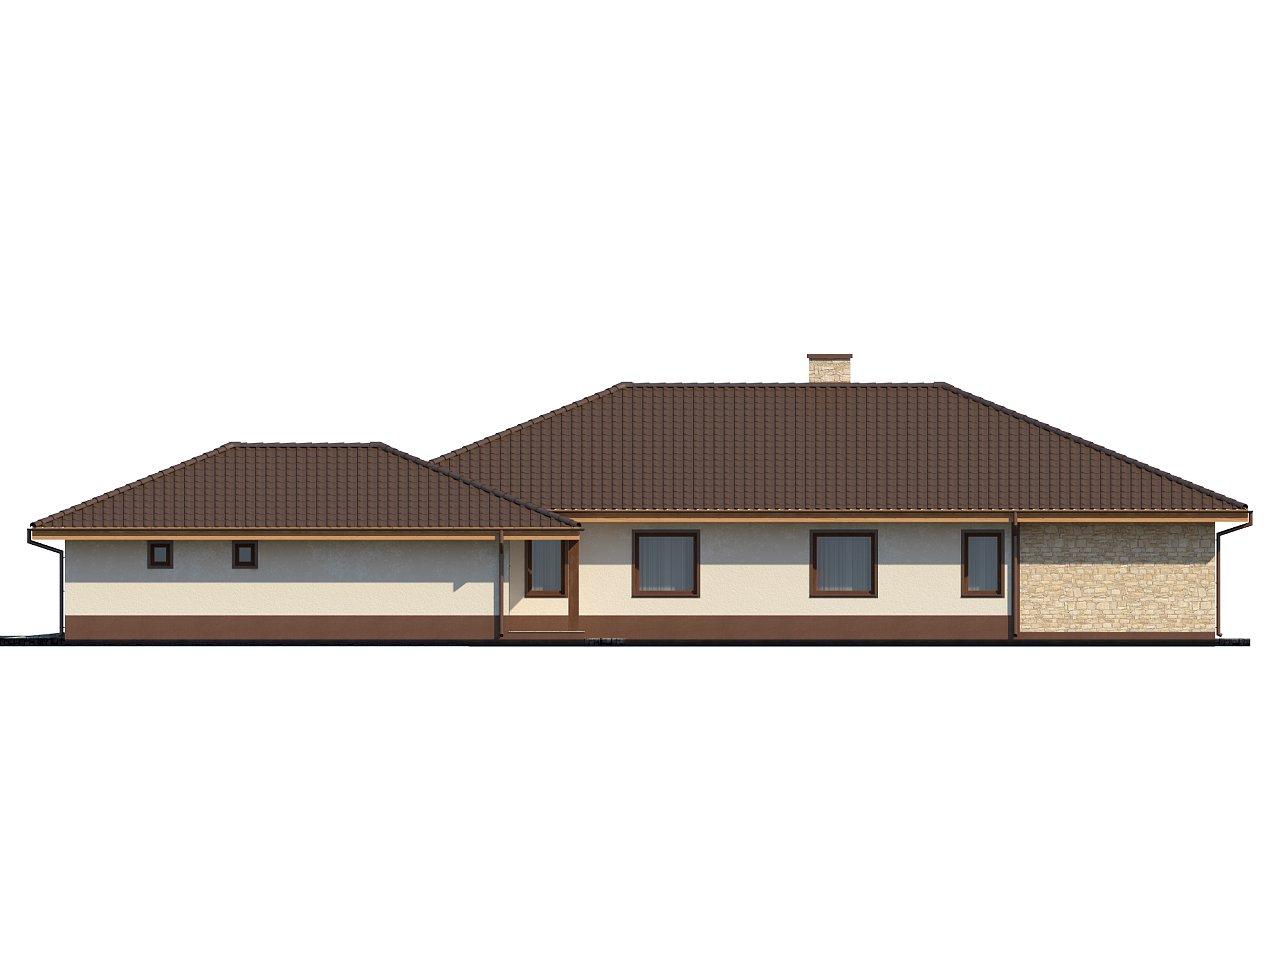 Комфортабельный одноэтажный дом для продольного участка с большим гаражом, с возможностью обустройства мансарды. 5